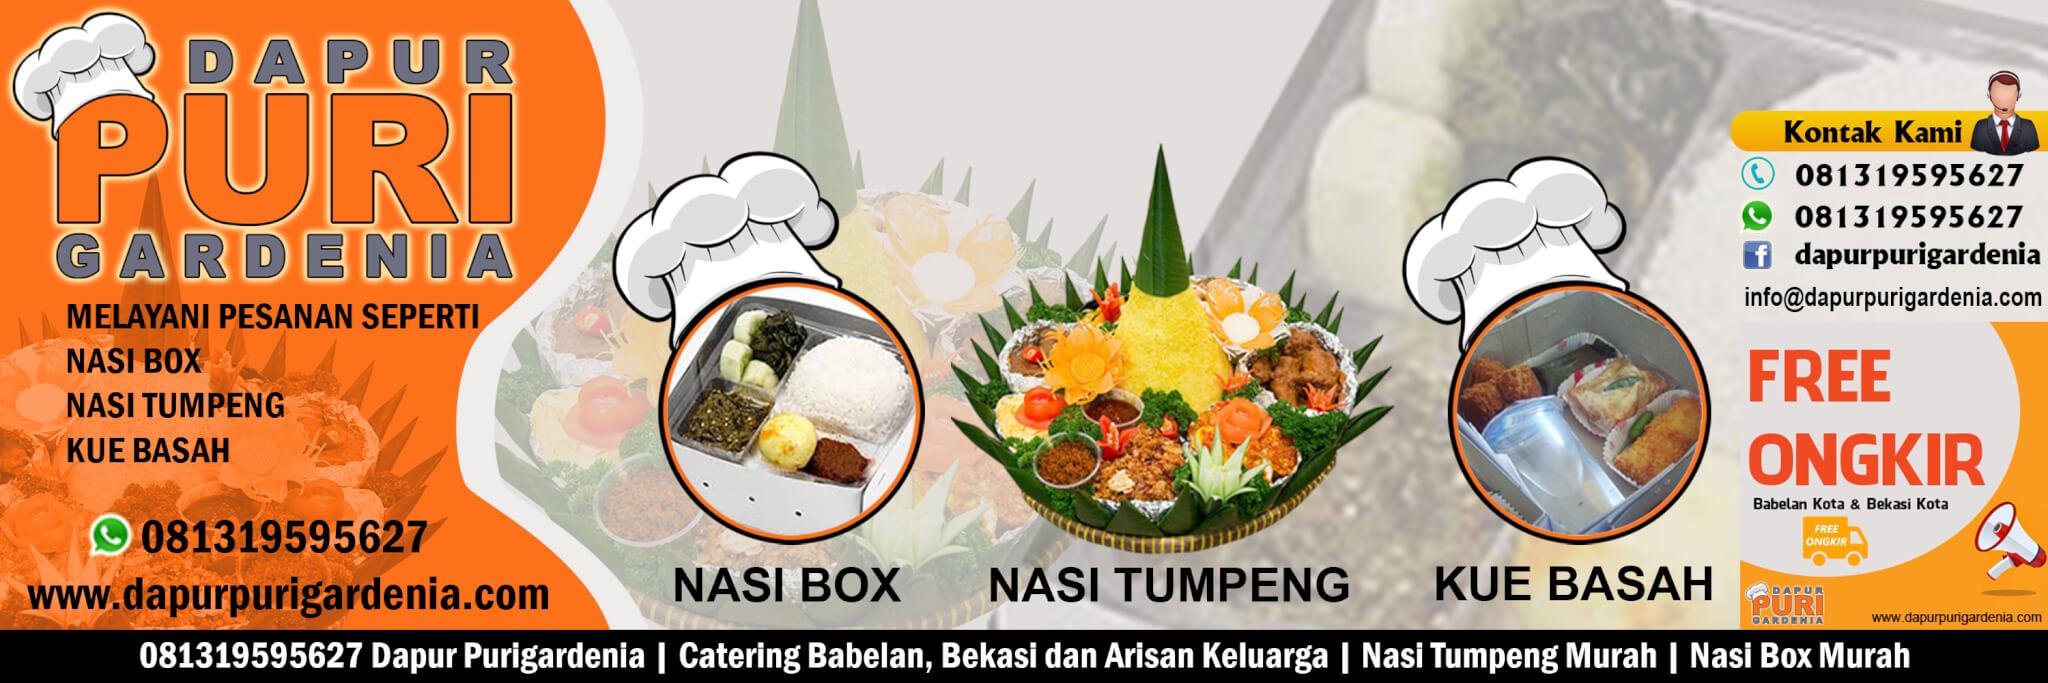 Spanduk Catering Bekasi